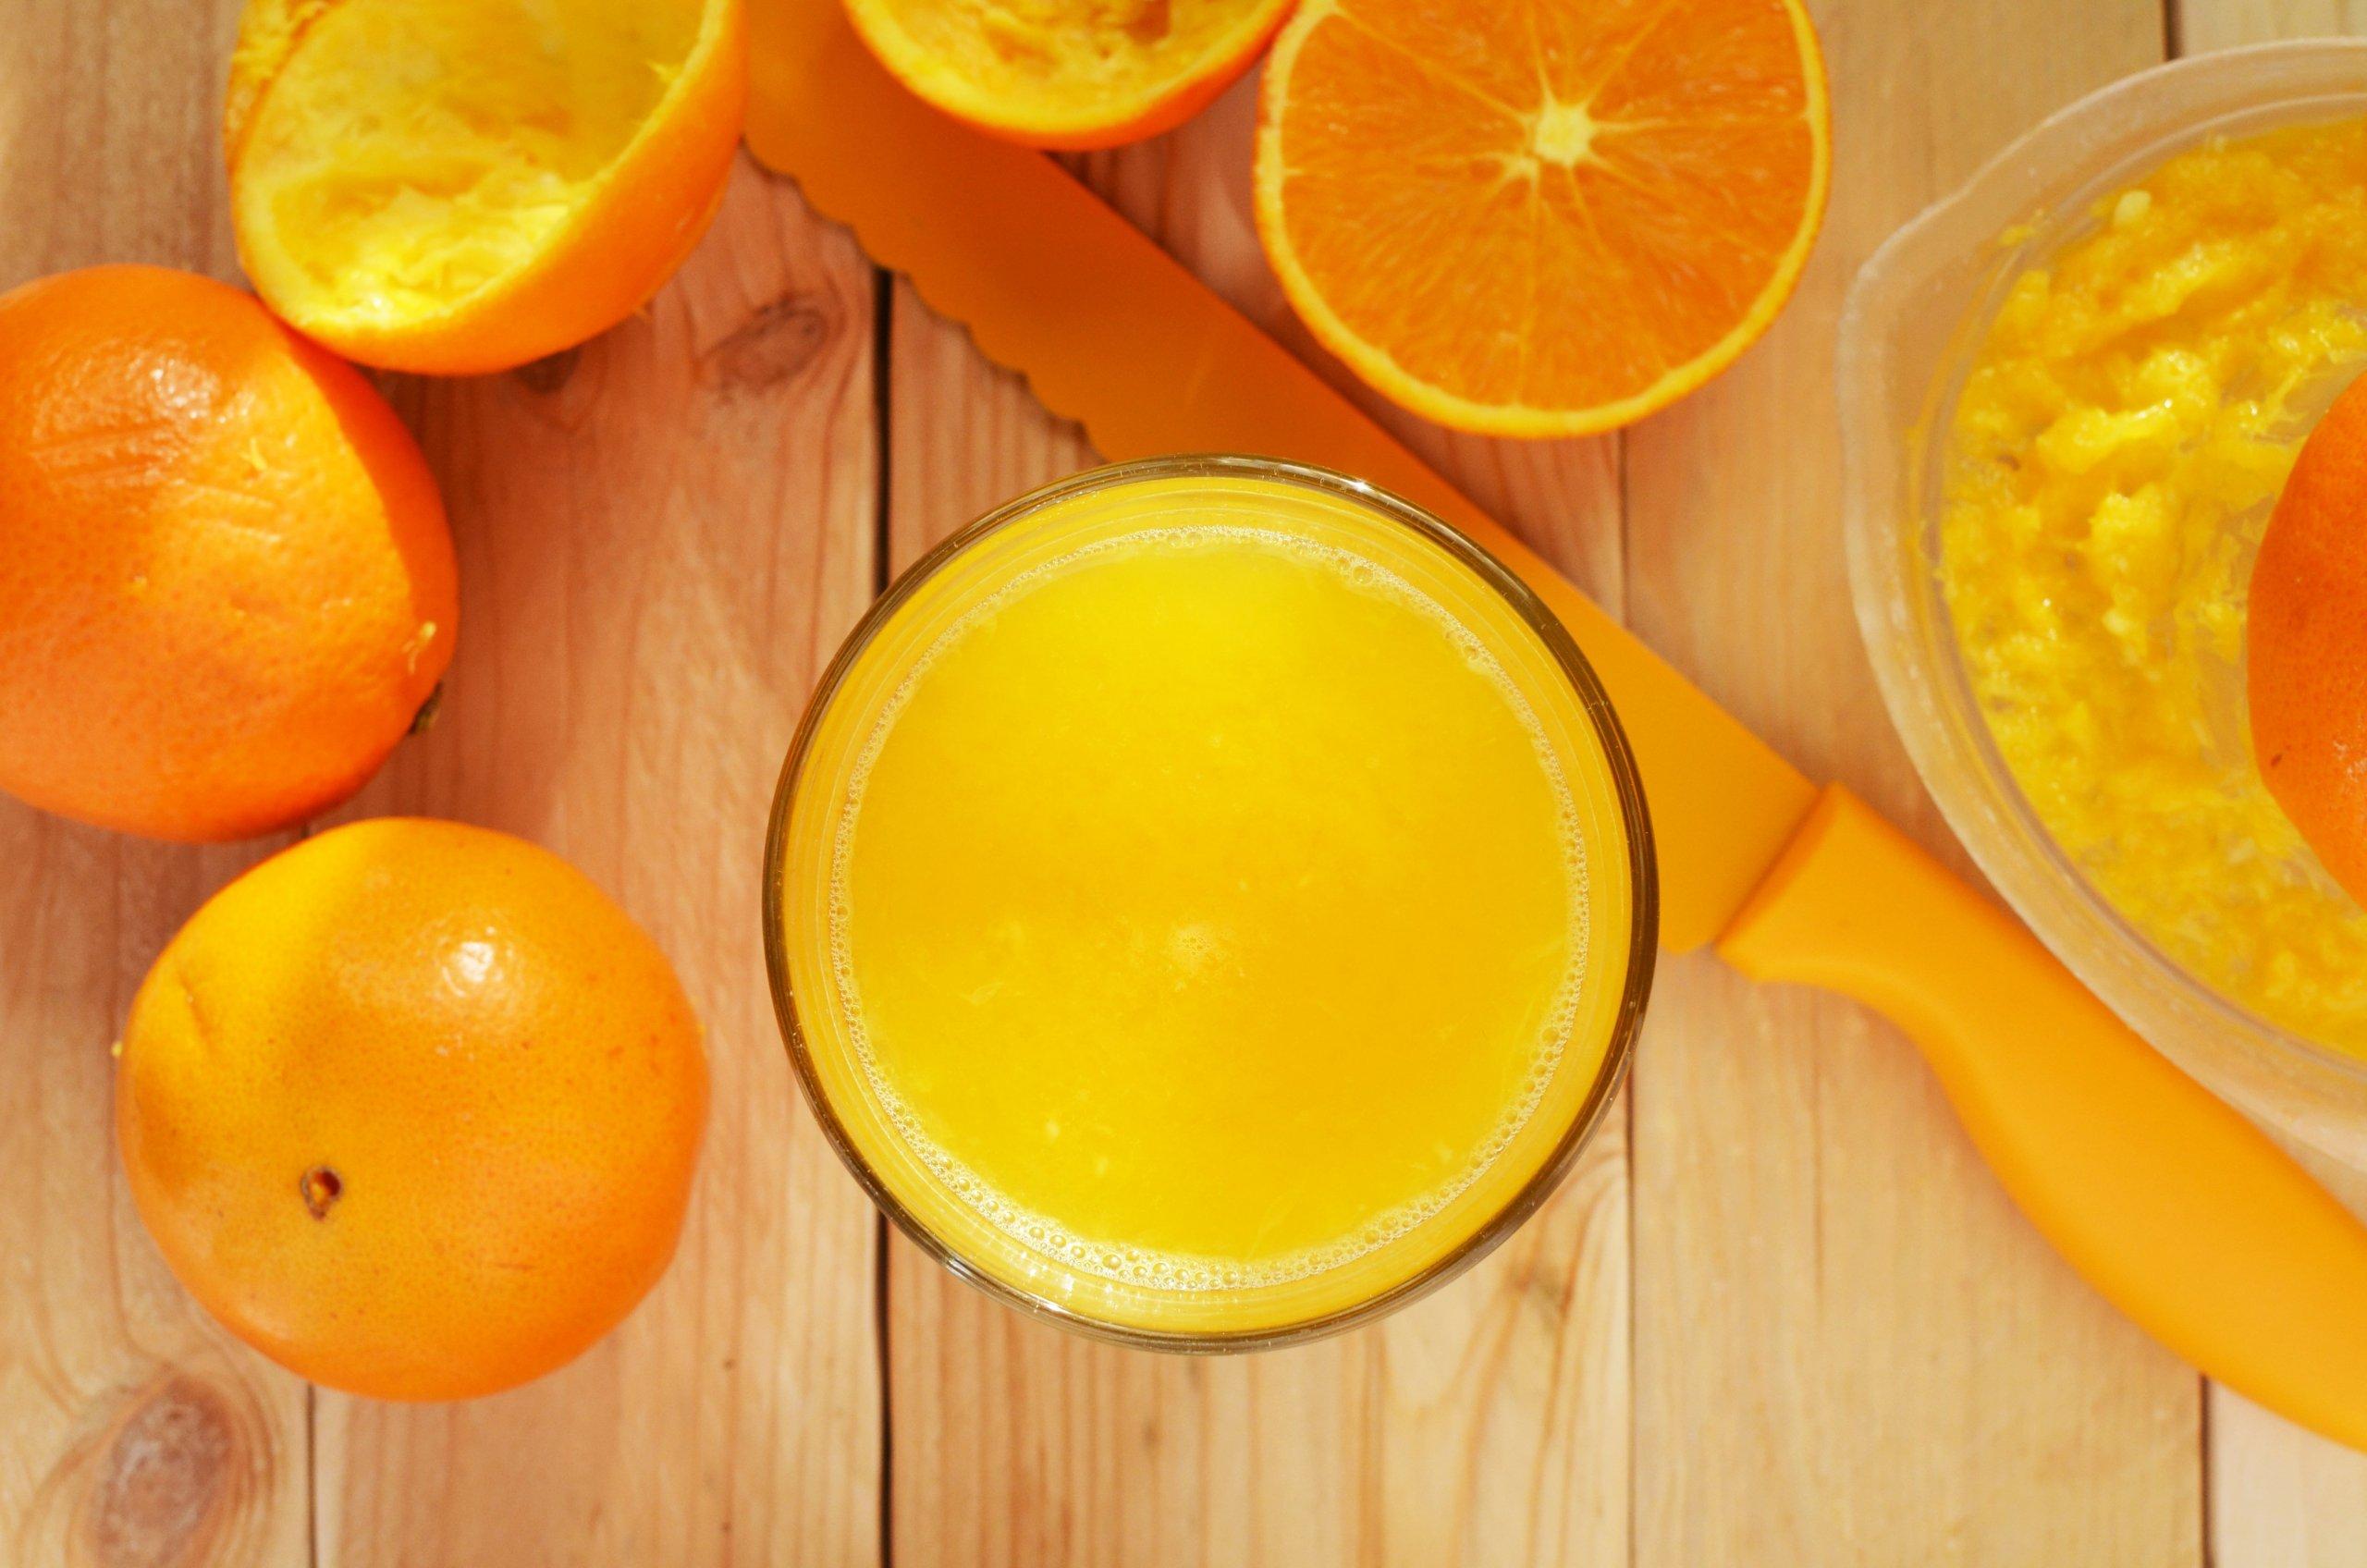 Pomeranče neloupejte, protože právě šlupka je nejzdravější.